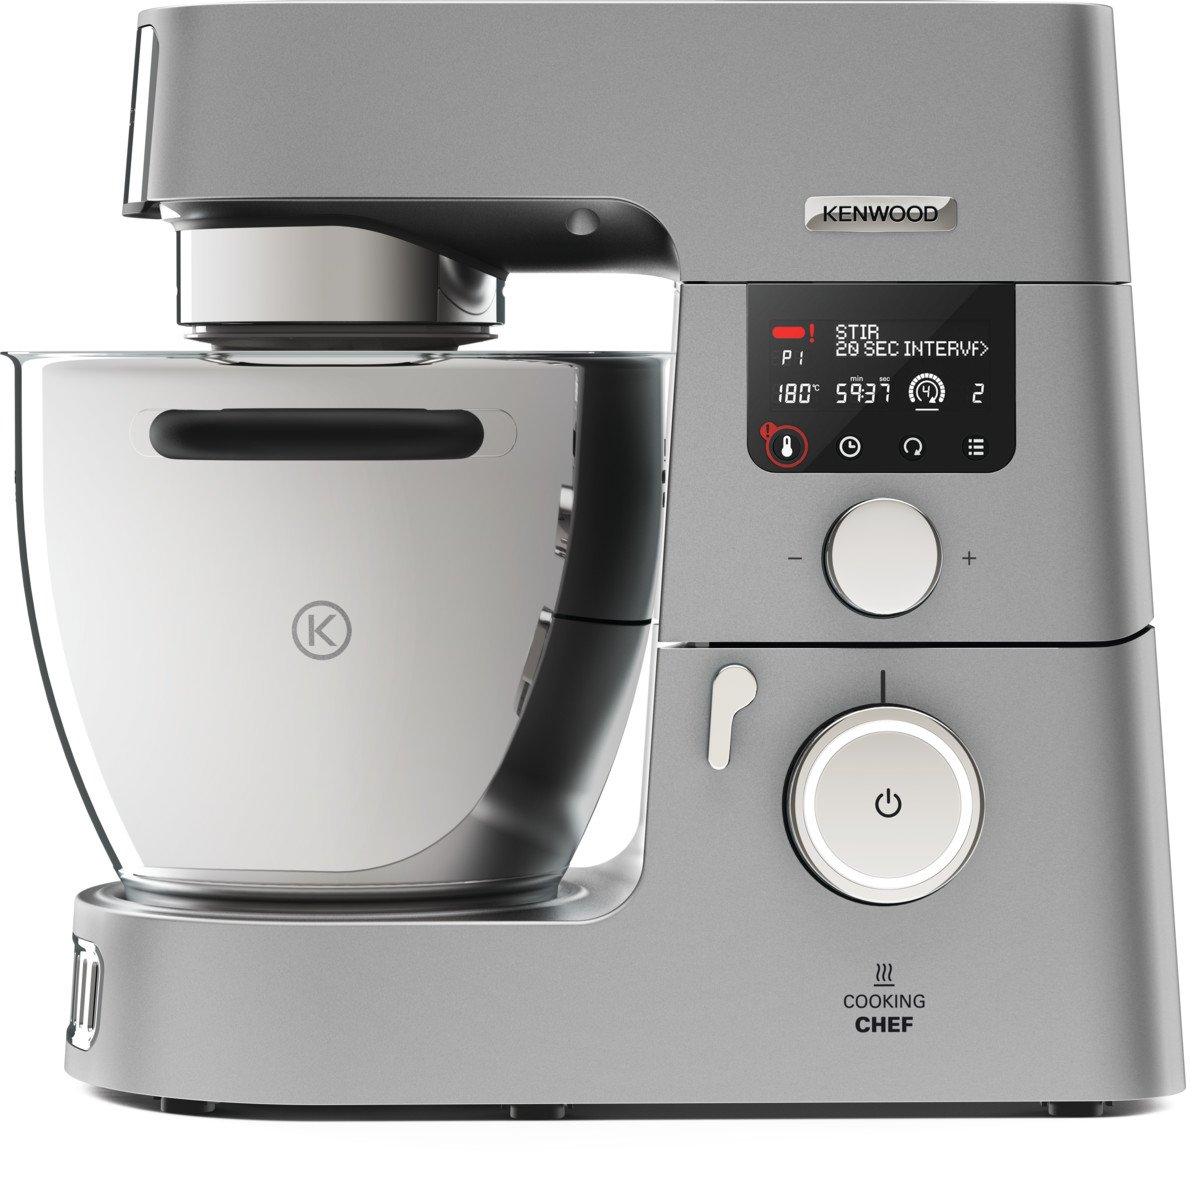 Amazon.de: Kenwood Cooking Chef Gourmet KCC9060S Küchenmaschine ...